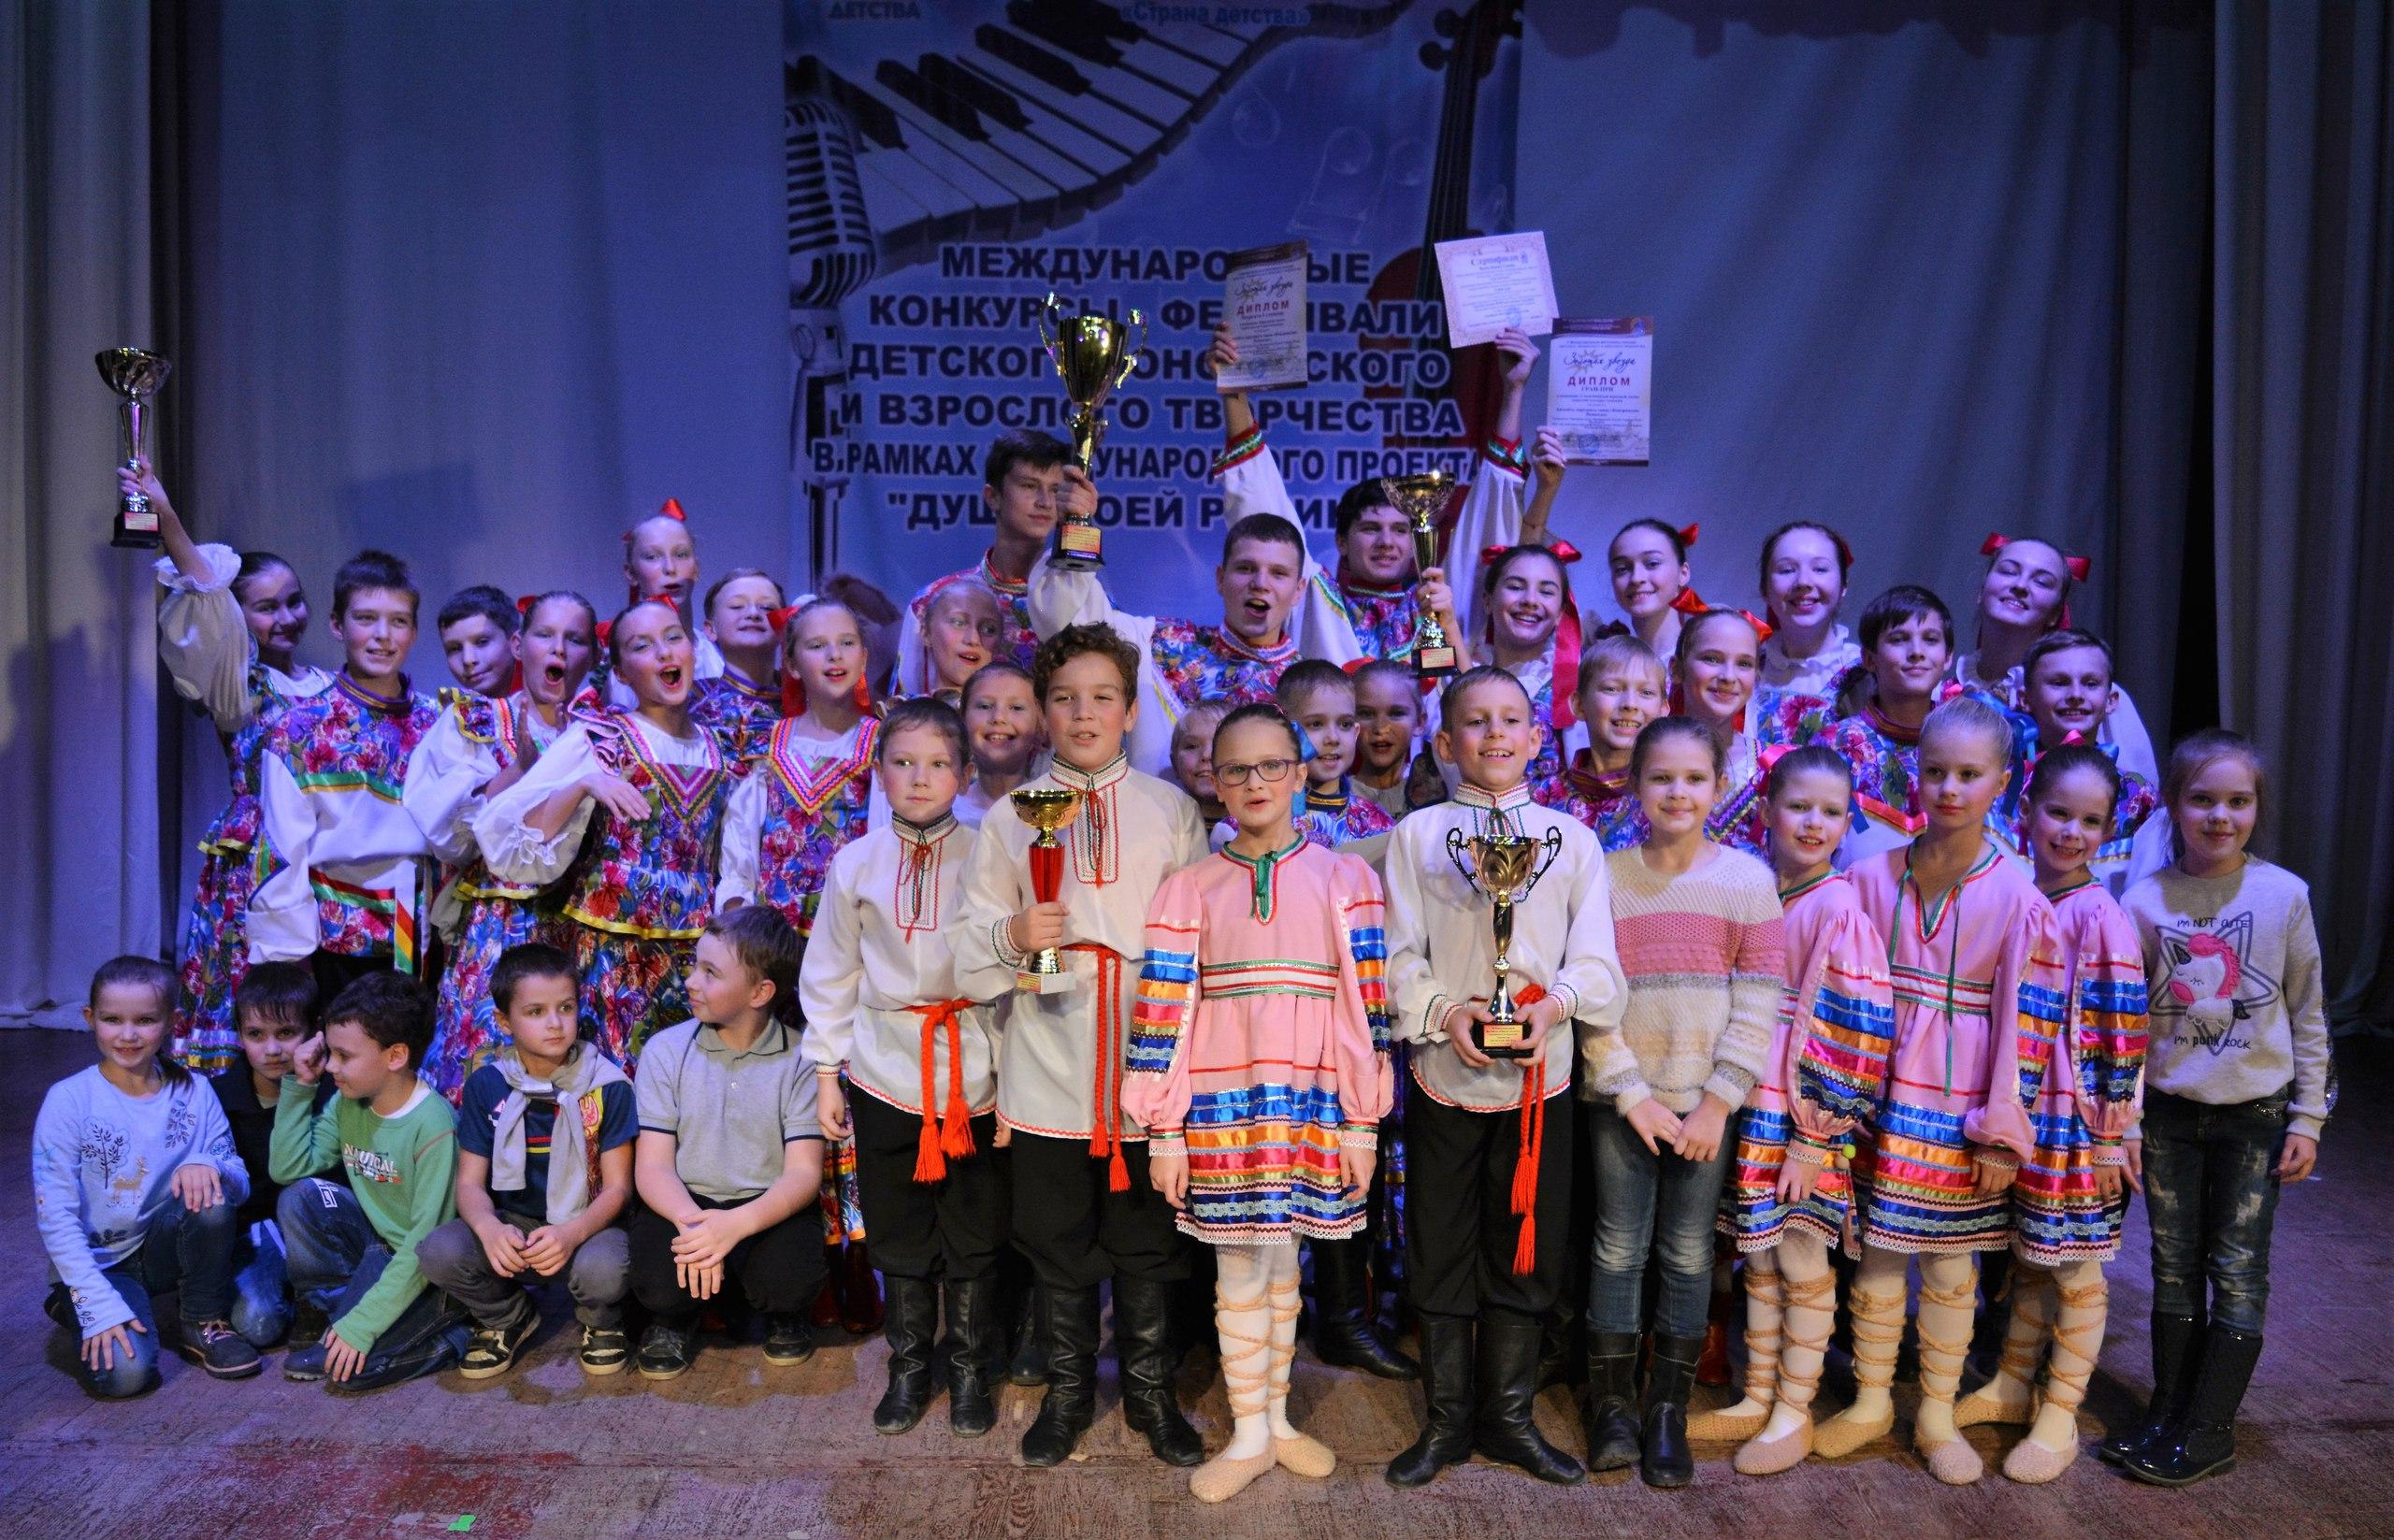 15 октября 2017 г. в городе Тула прошел II Международный конкурс-фестиваль детского, юношеского и взрослого творчества